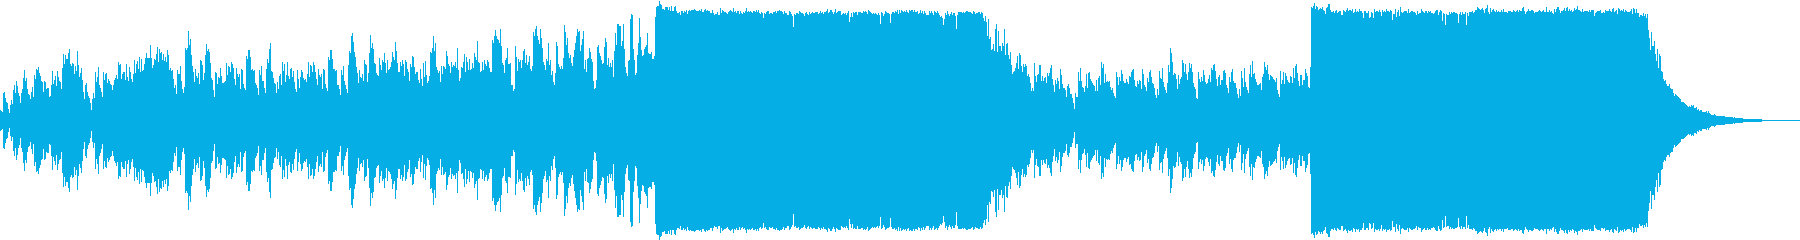 ピアノ+ノイズのバラードの再生済みの波形